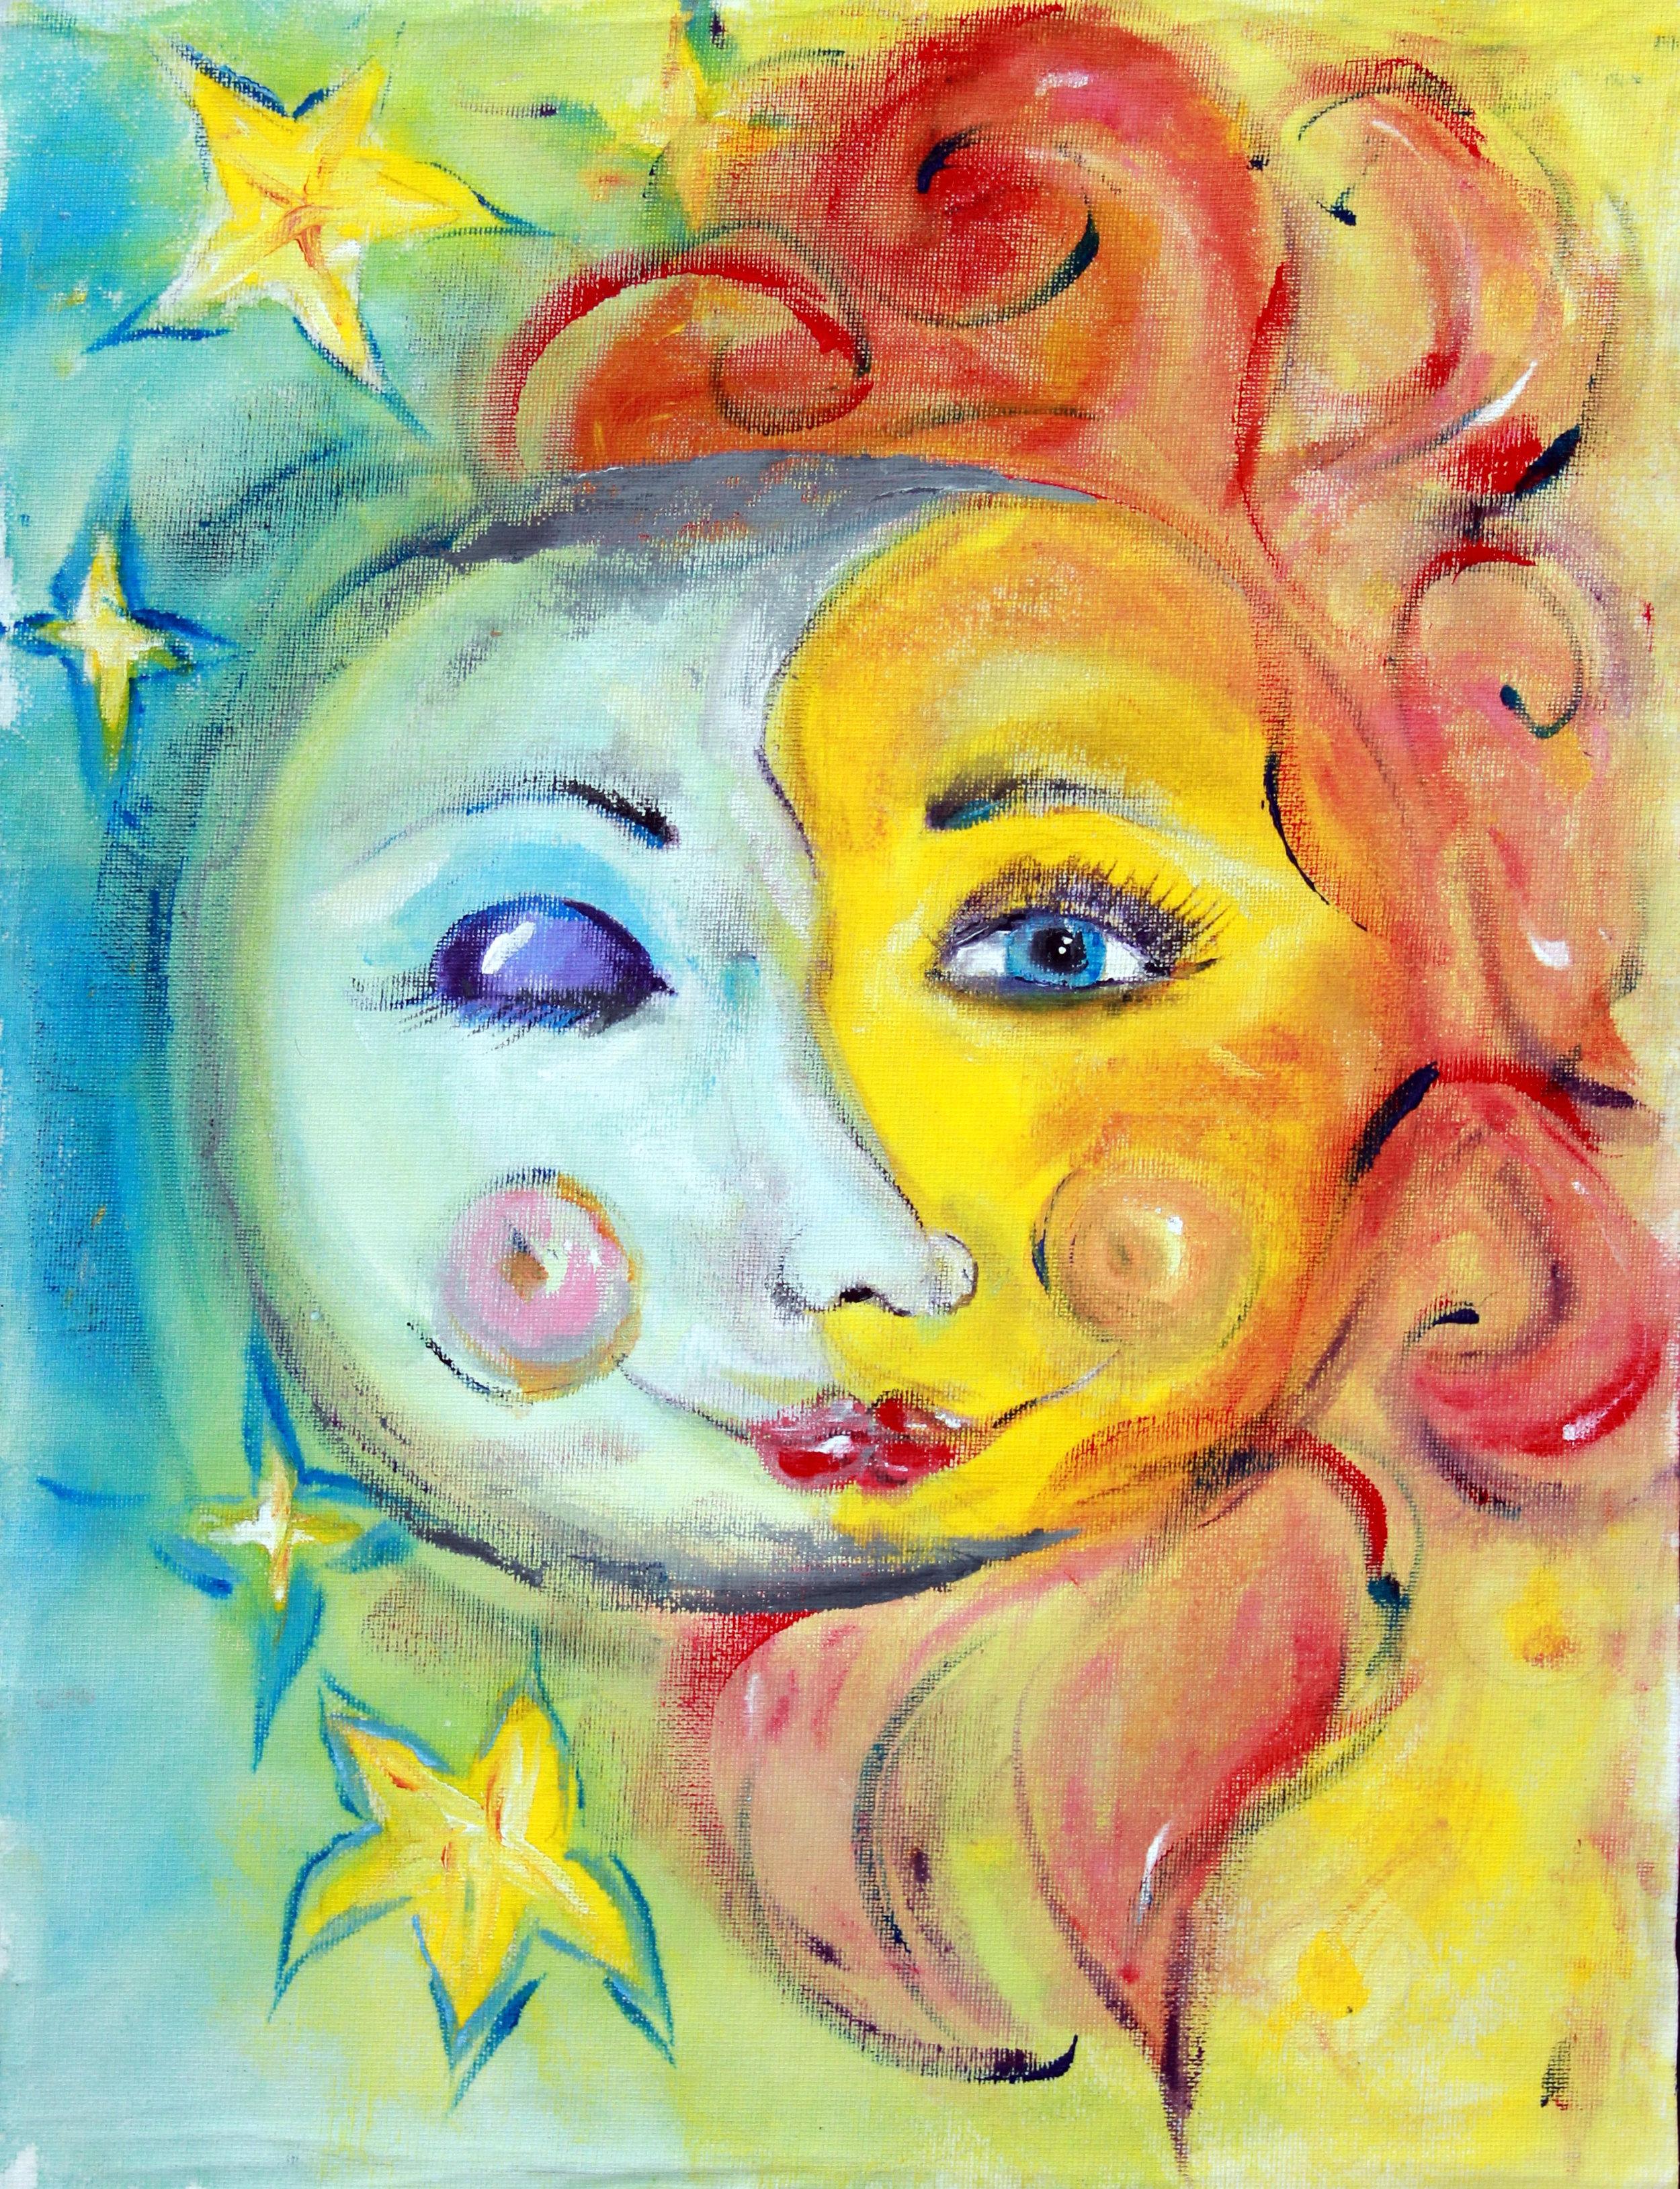 5) Moon/Sun